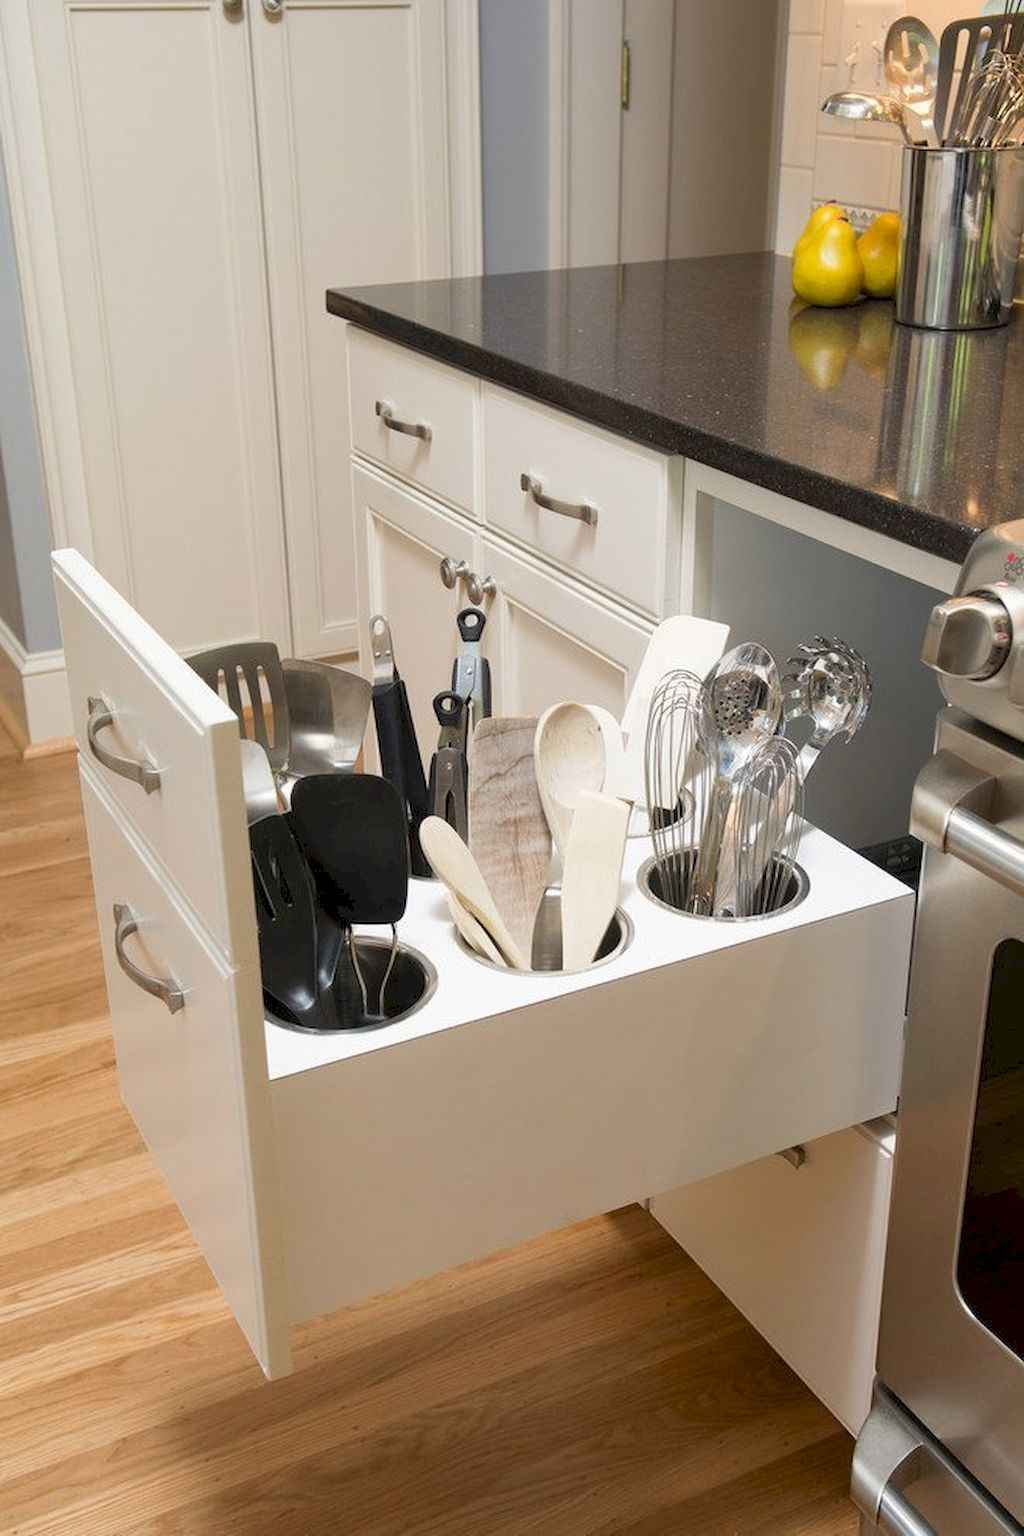 Ingenious hidden kitchen cabinet & storage solutions (4)